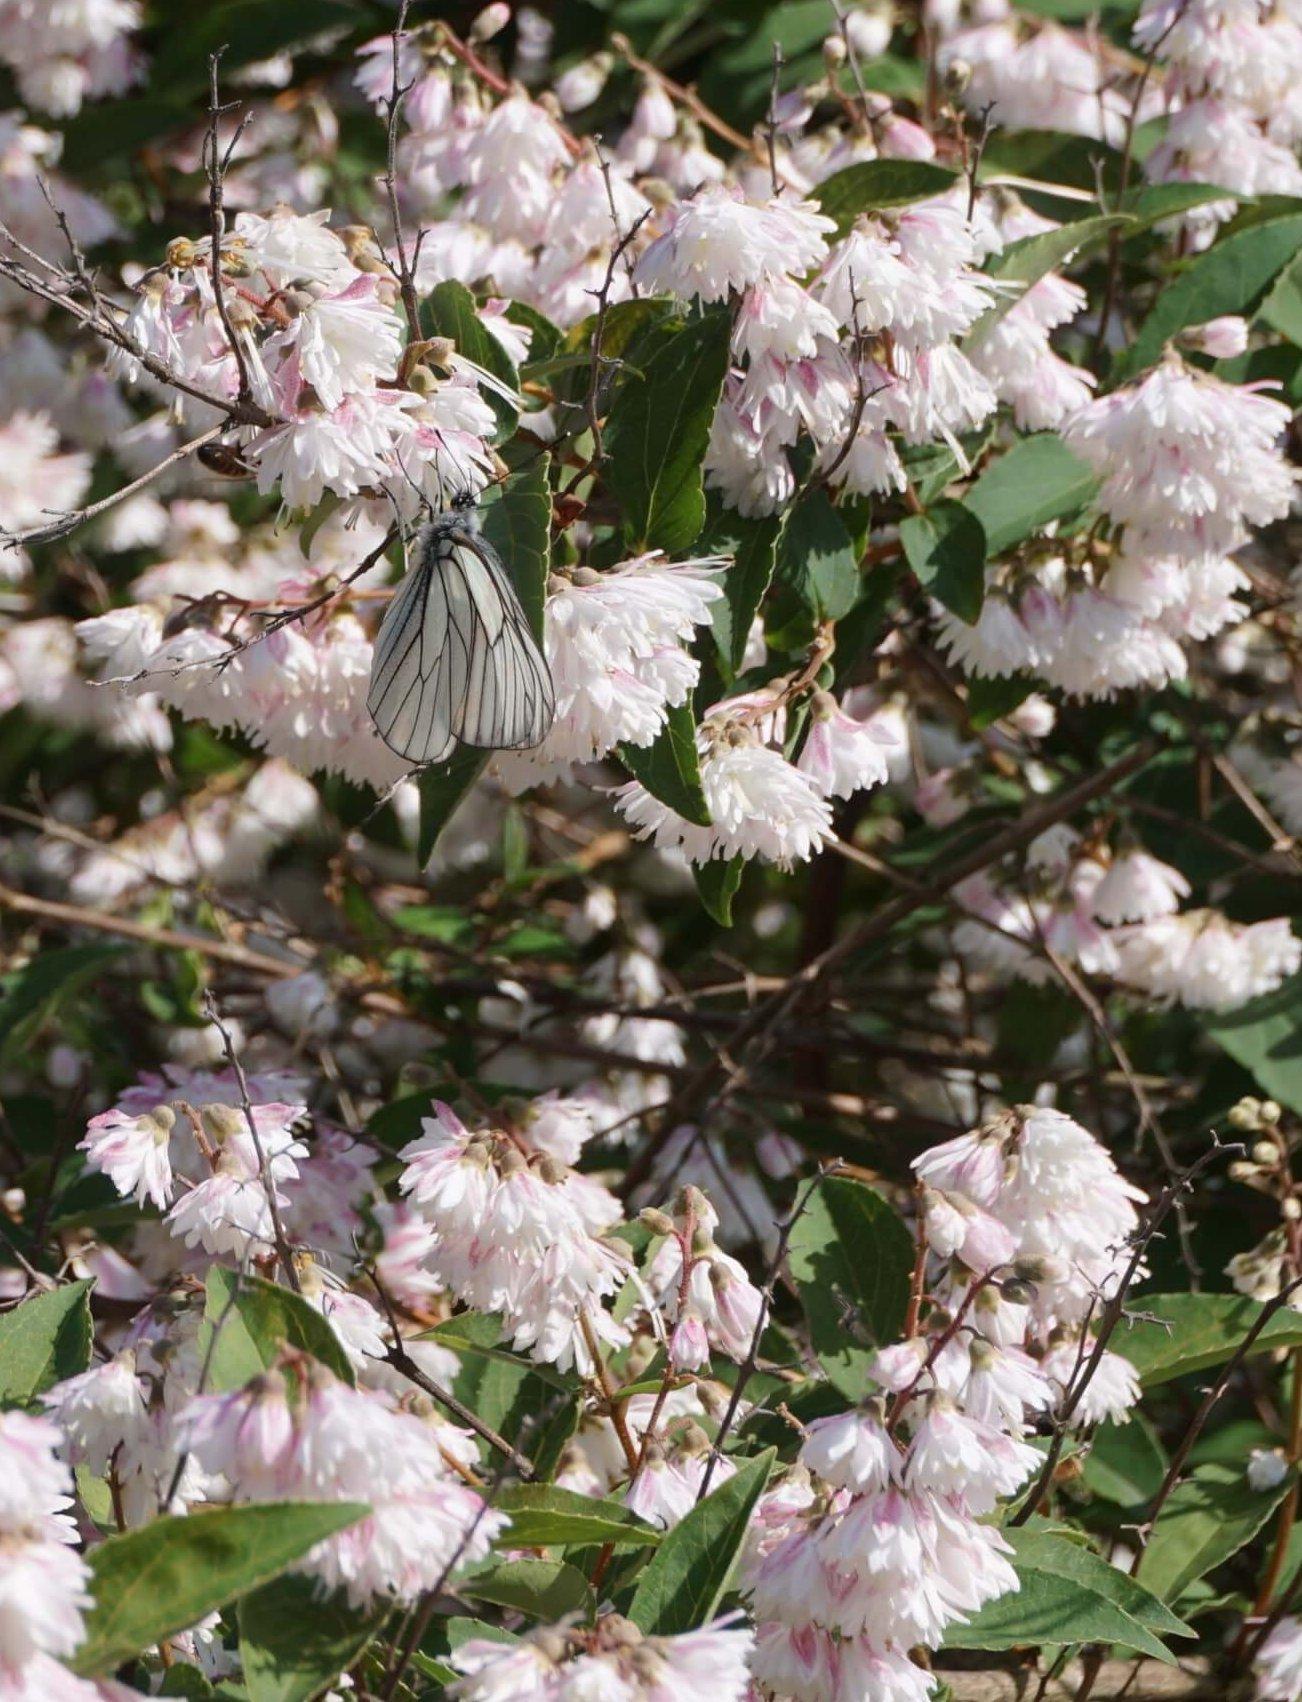 Das Bild zeigt die Blüten der Glocken-Deutzie mit einem Baum-Weißling, welcher zu den Schmetterlingen gehört.